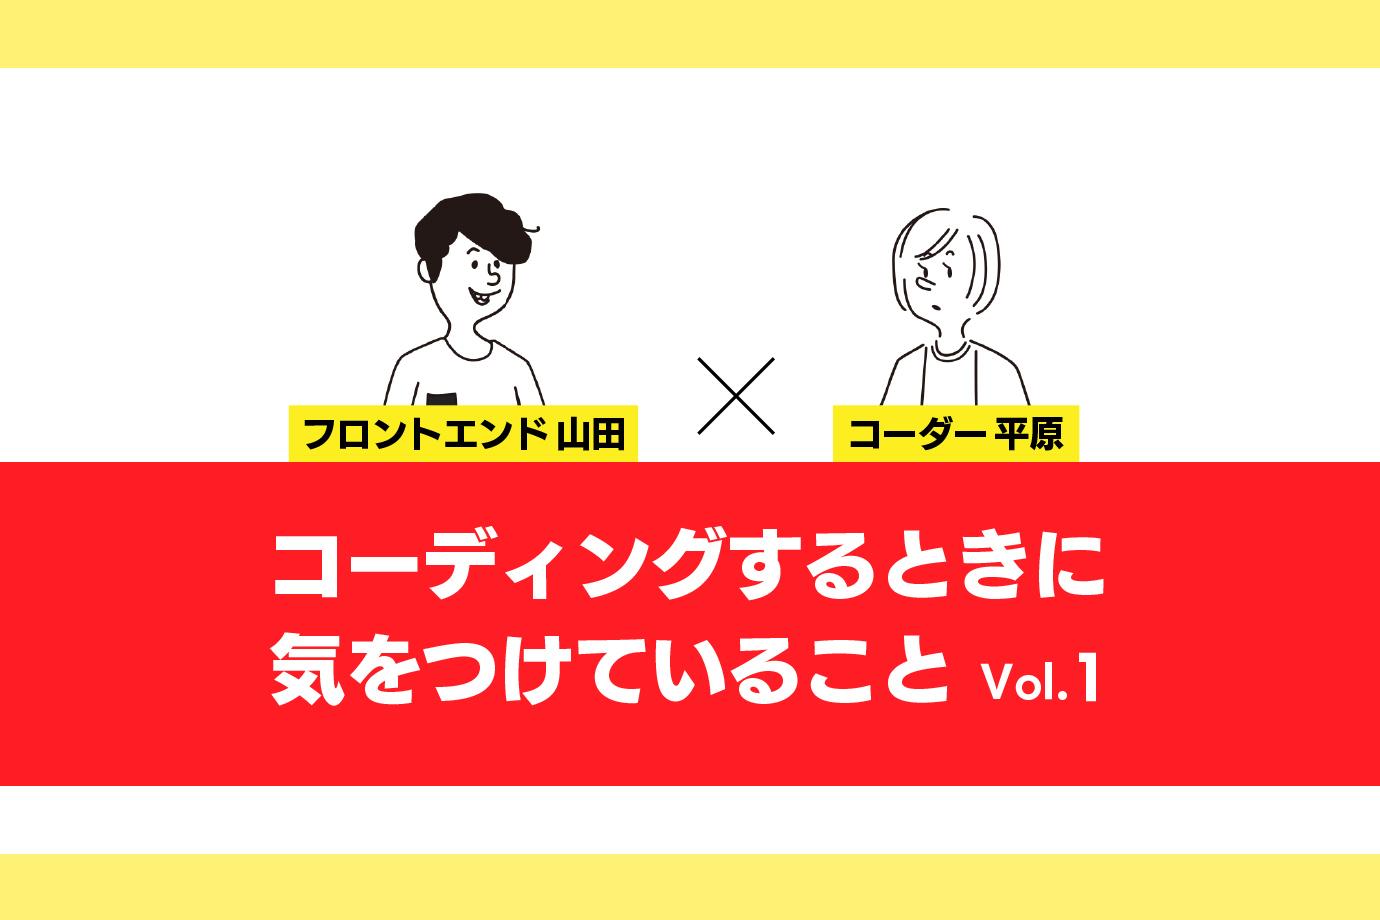 フロントエンド山田 × コーダー平原『コーディングするときに気をつけていること』Vol.1